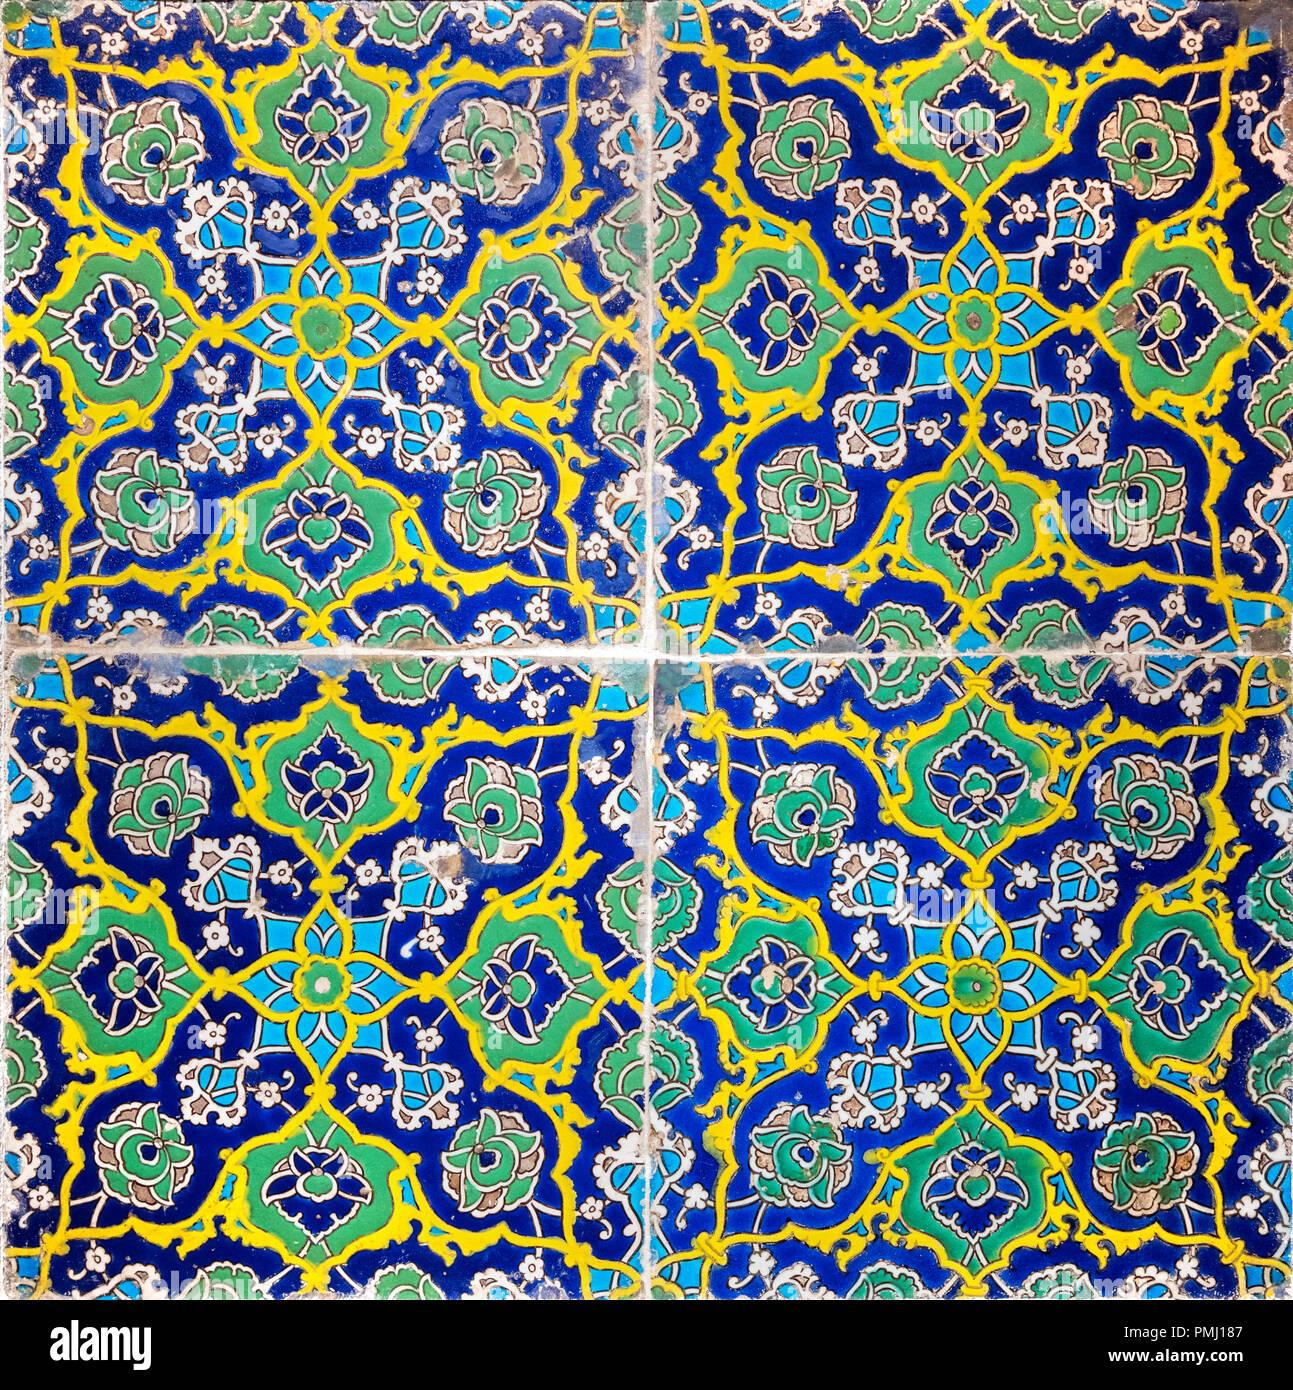 Au début du 16e siècle, les carreaux de mur turc période ottomane, décorées dans 'cuerda seca' technique. Photo Stock